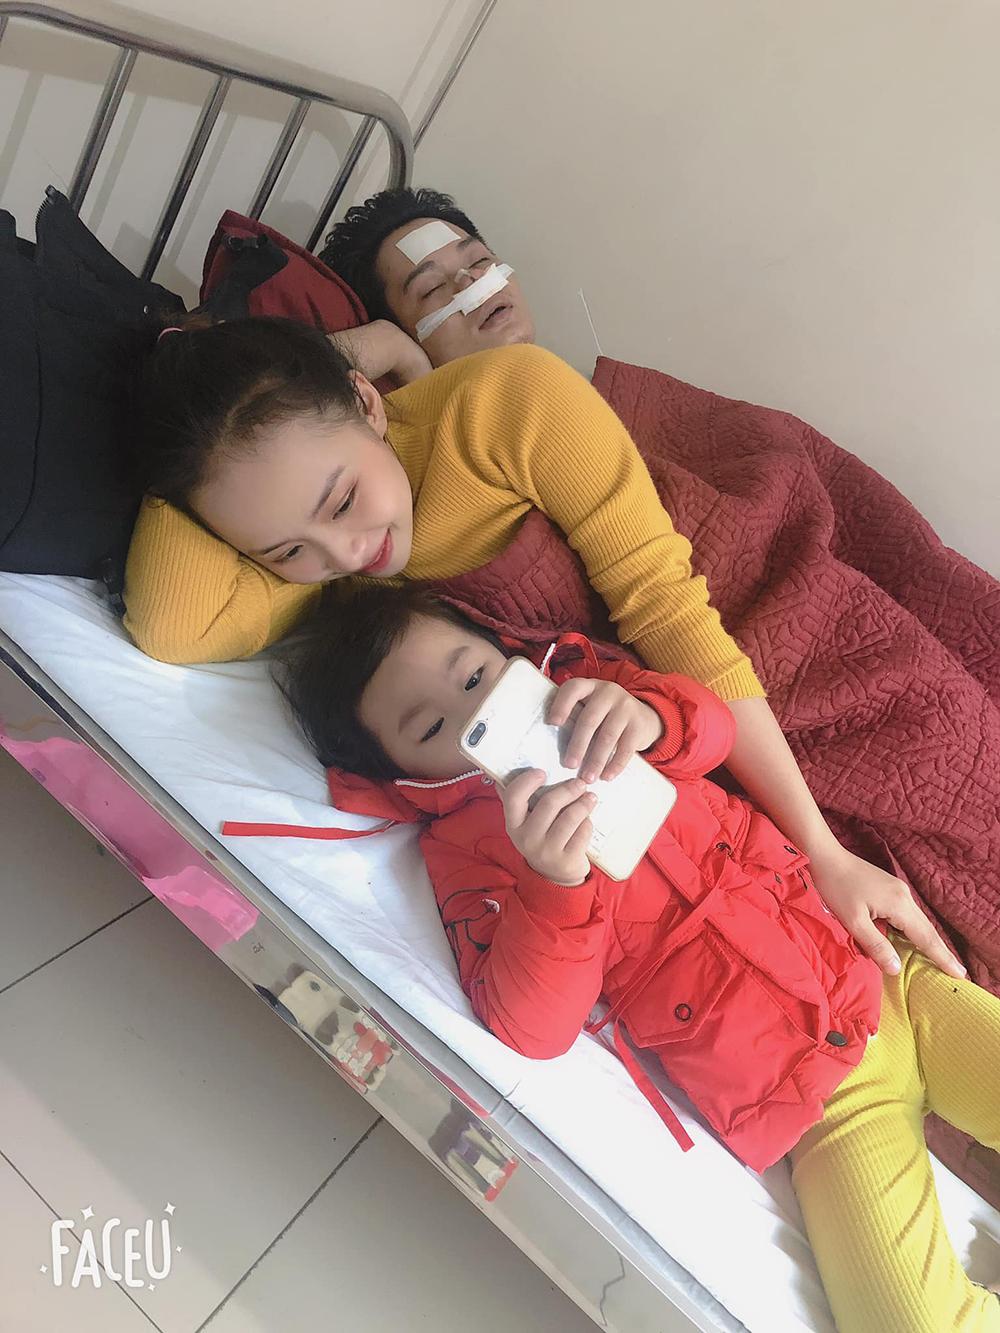 Vợ con luôn bên cạnh chăm sócsuốt thời gian điều trị bệnh khiến anh Nhânvô cùng cảm động